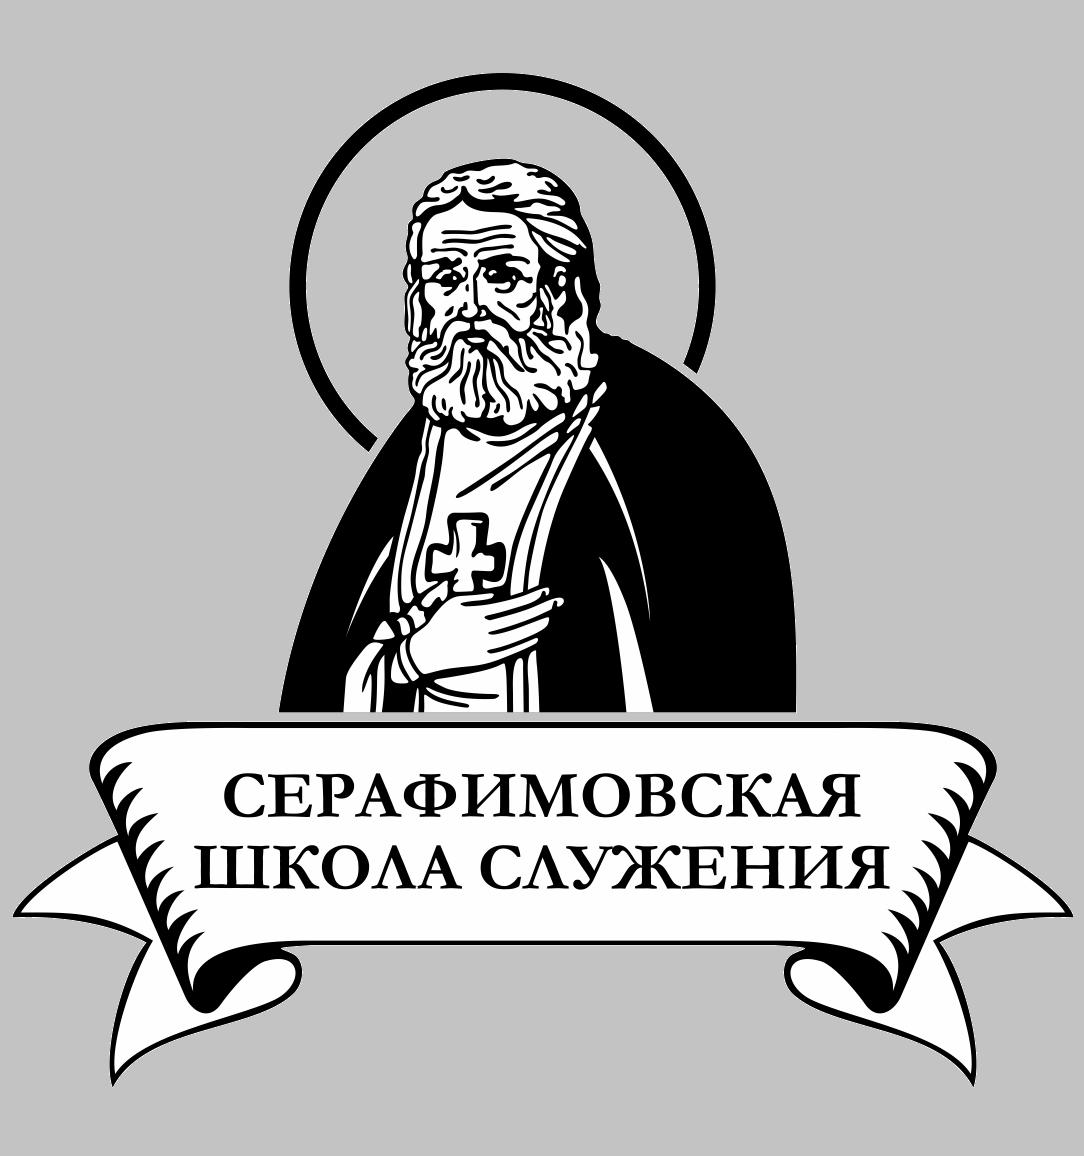 Начался прием заявок на конкурс «Серафимовская школа служения»